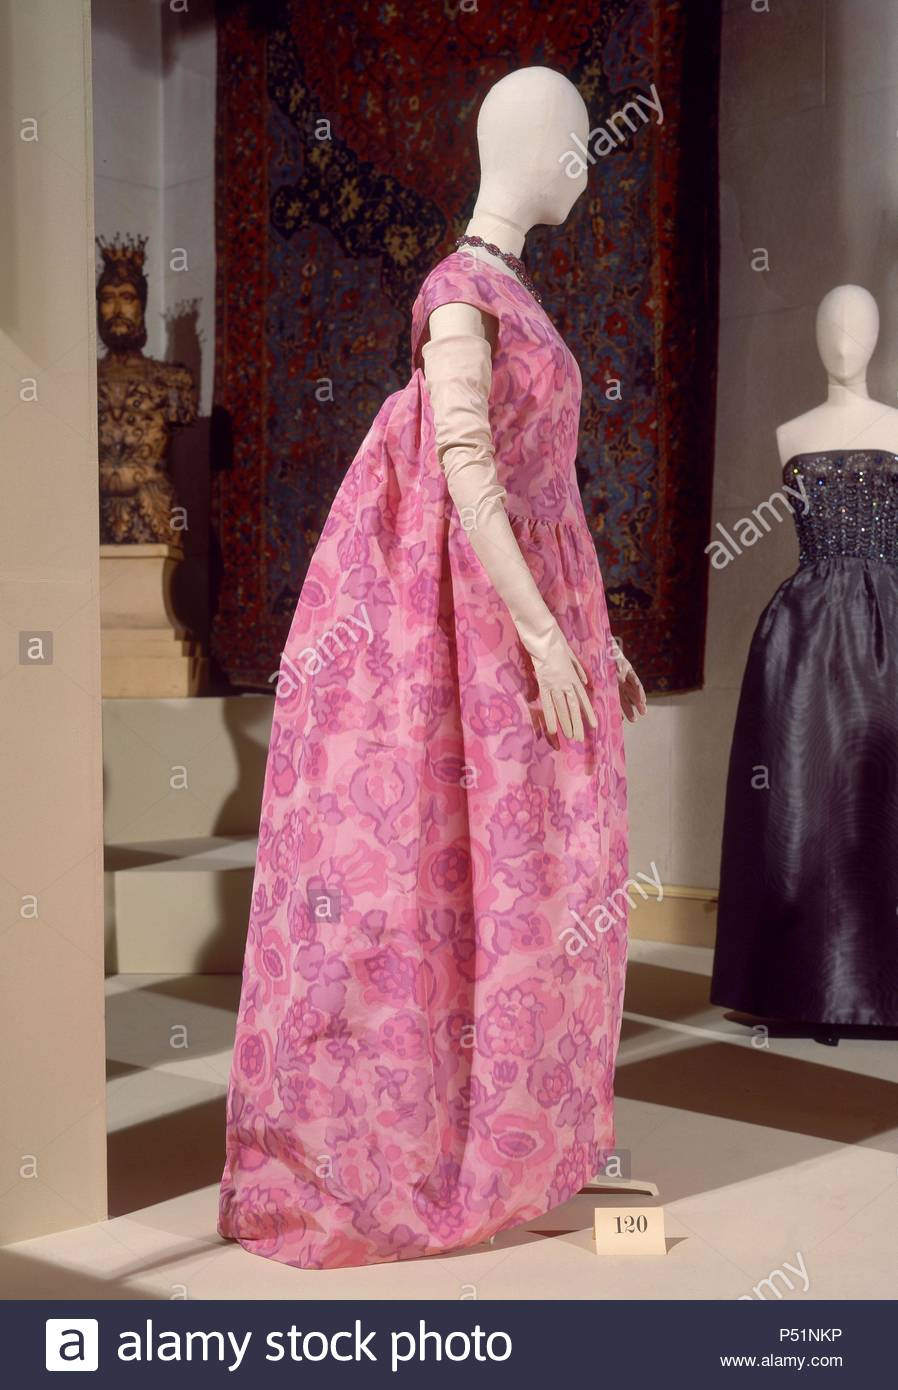 Vestido Fotos & Vestido Imagens de Stock - Alamy